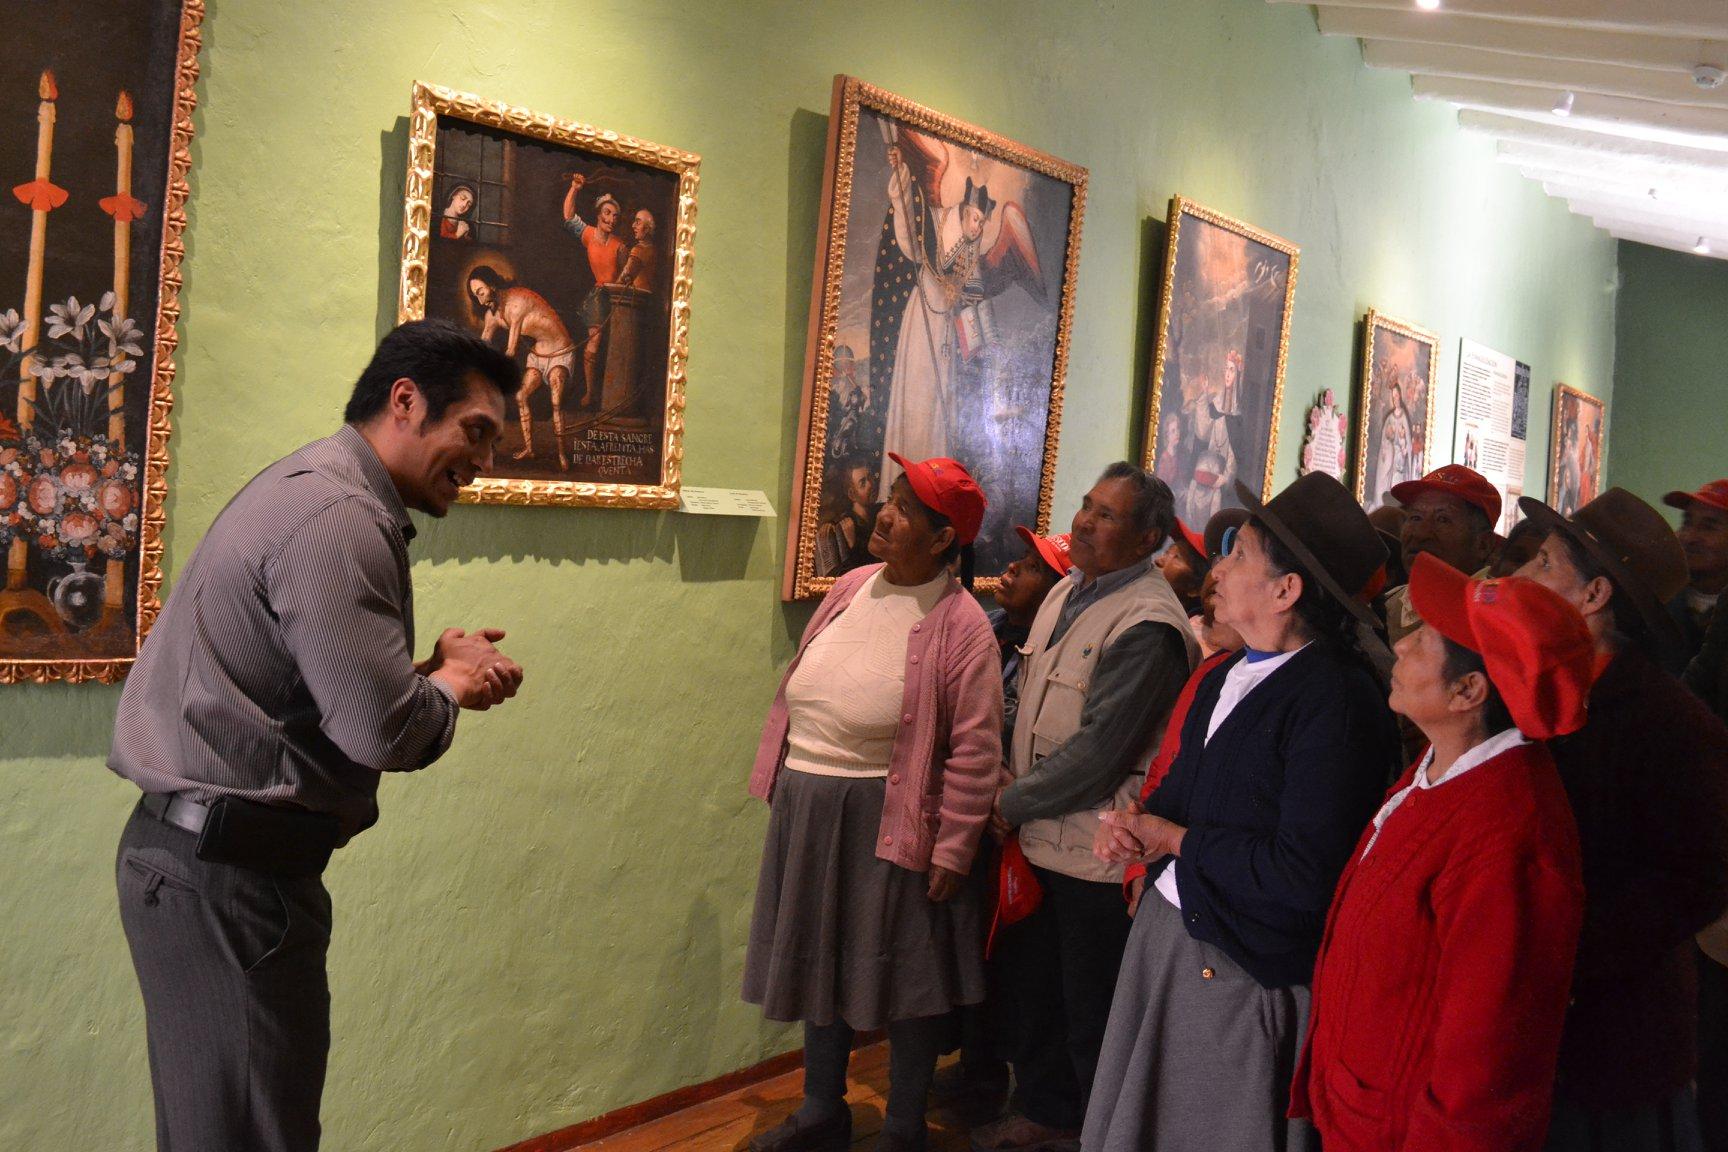 Chicos y grandes disfrutan con los paseos turísticos que se realizan dentro de él. (Foto: Facebook Museo Histórico Regional Casa del Inca Garcilaso de la Vega)